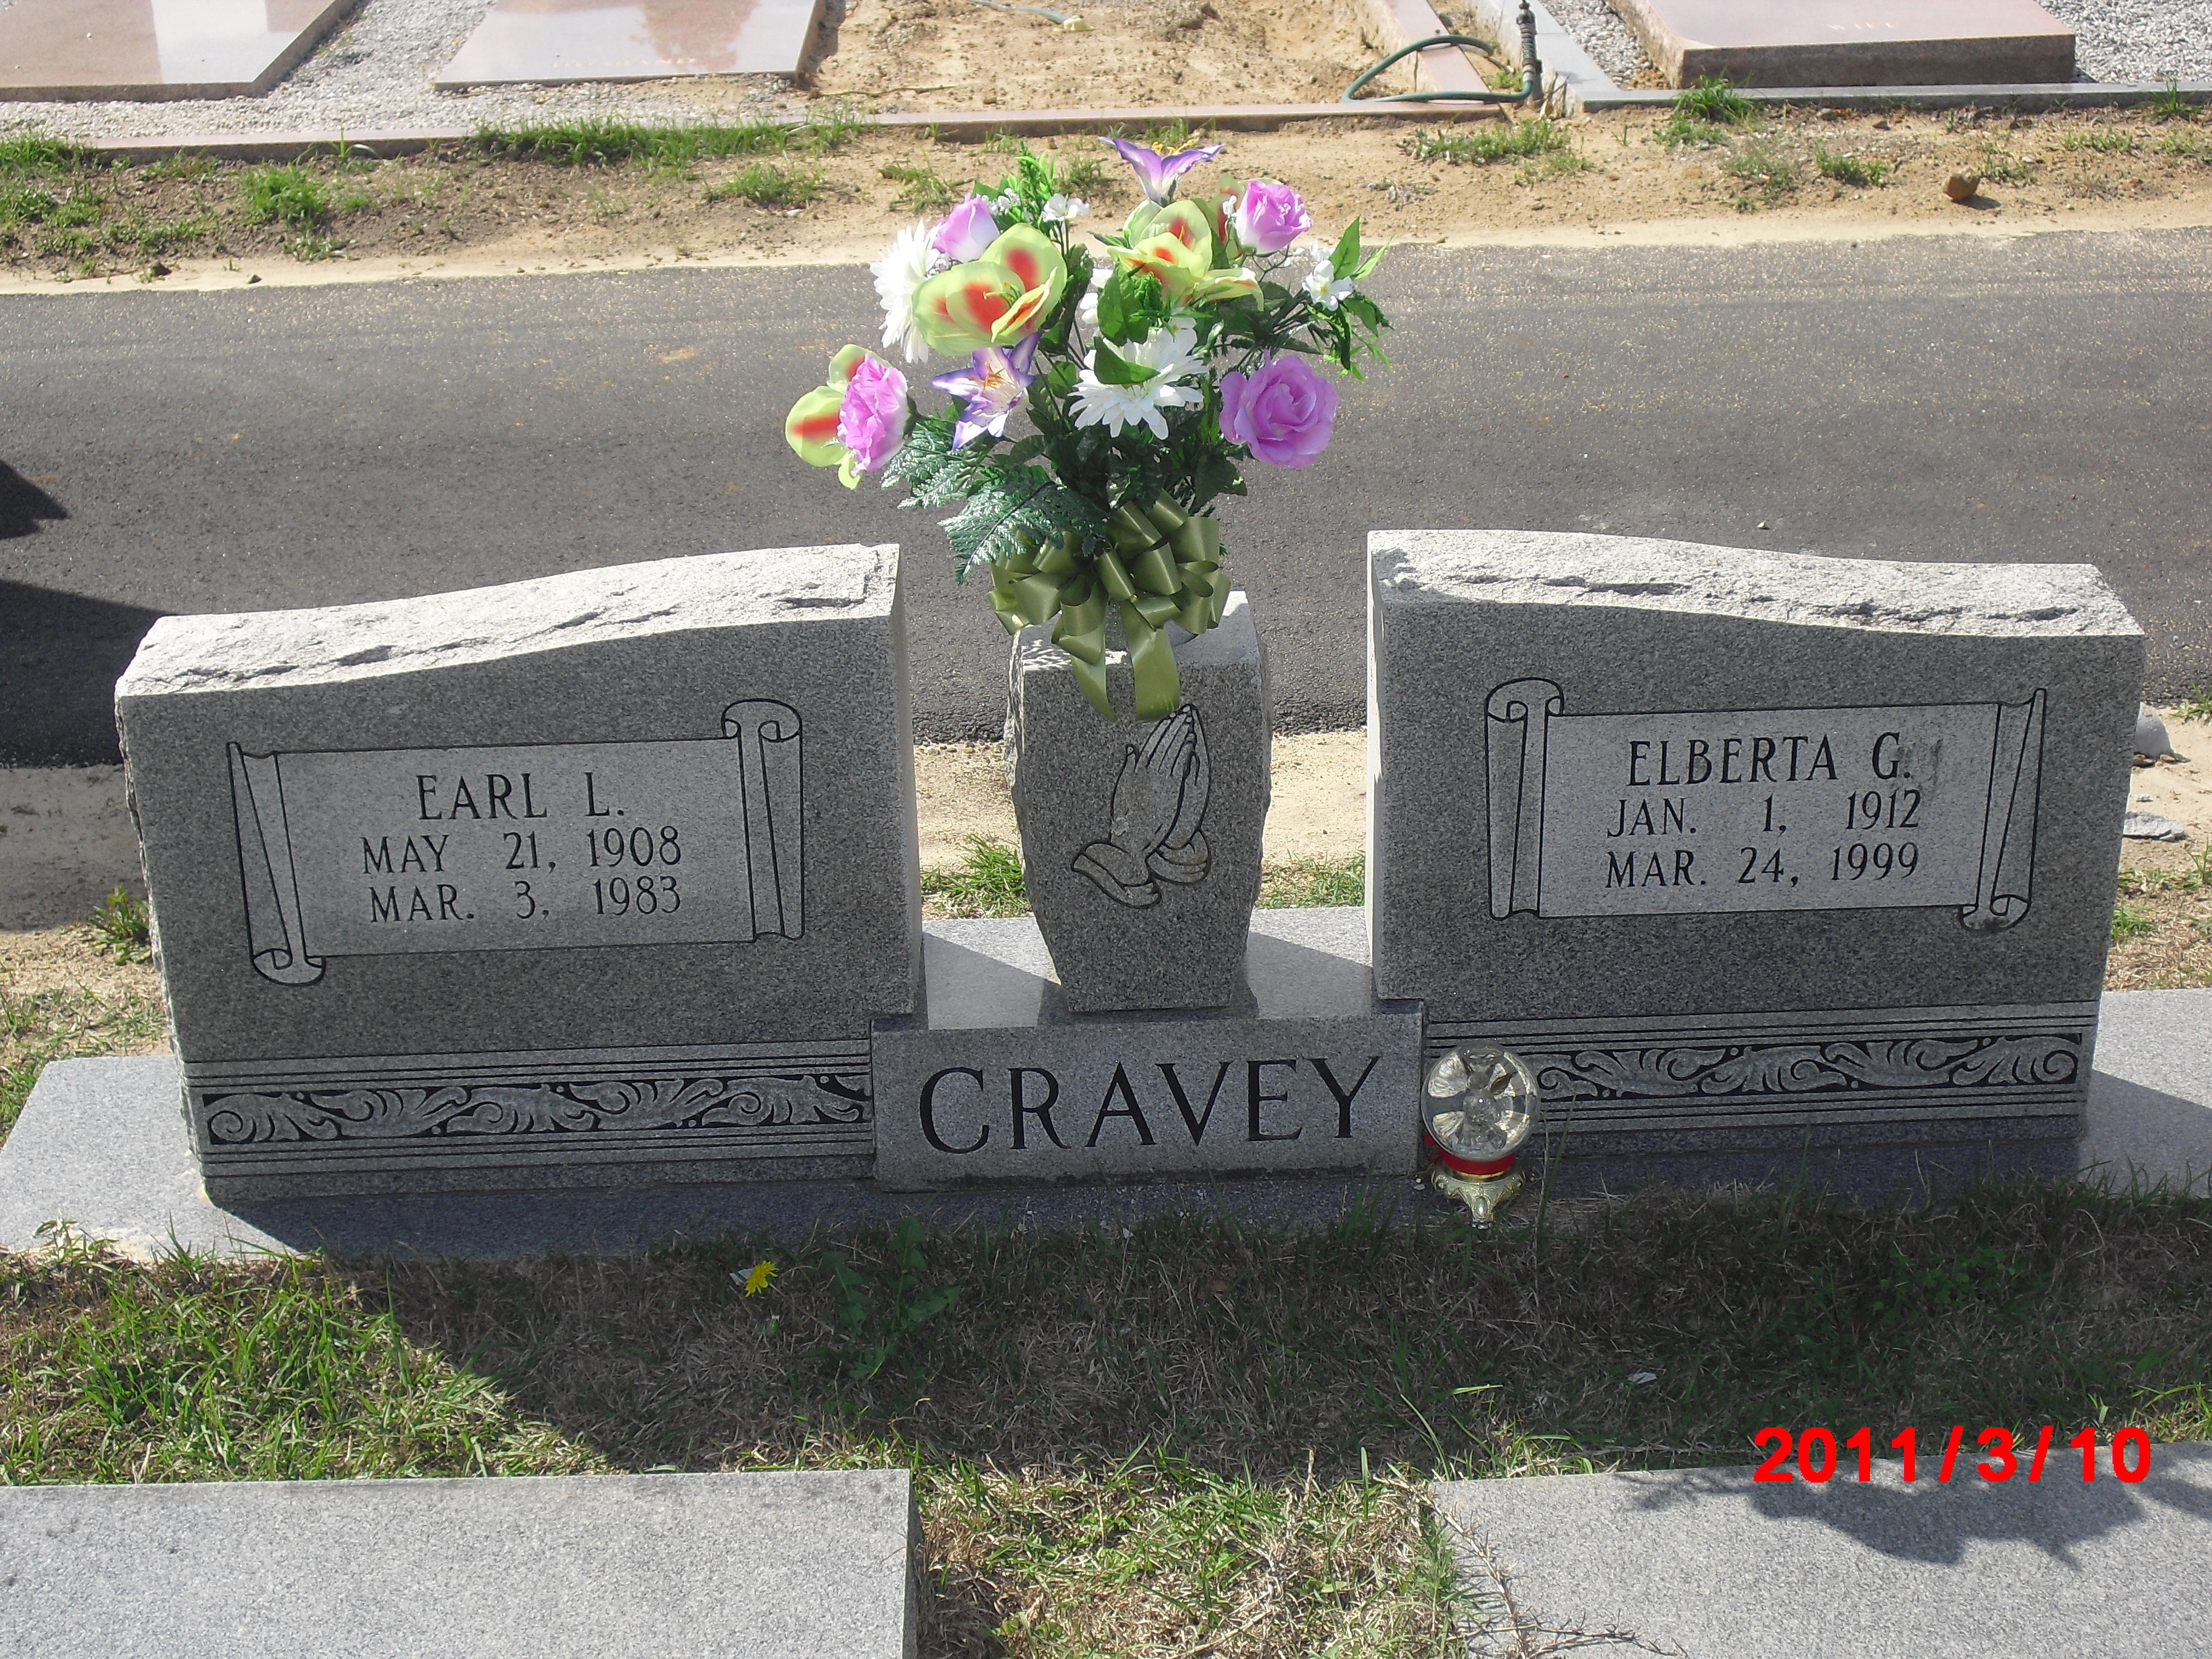 Earl L Cravey